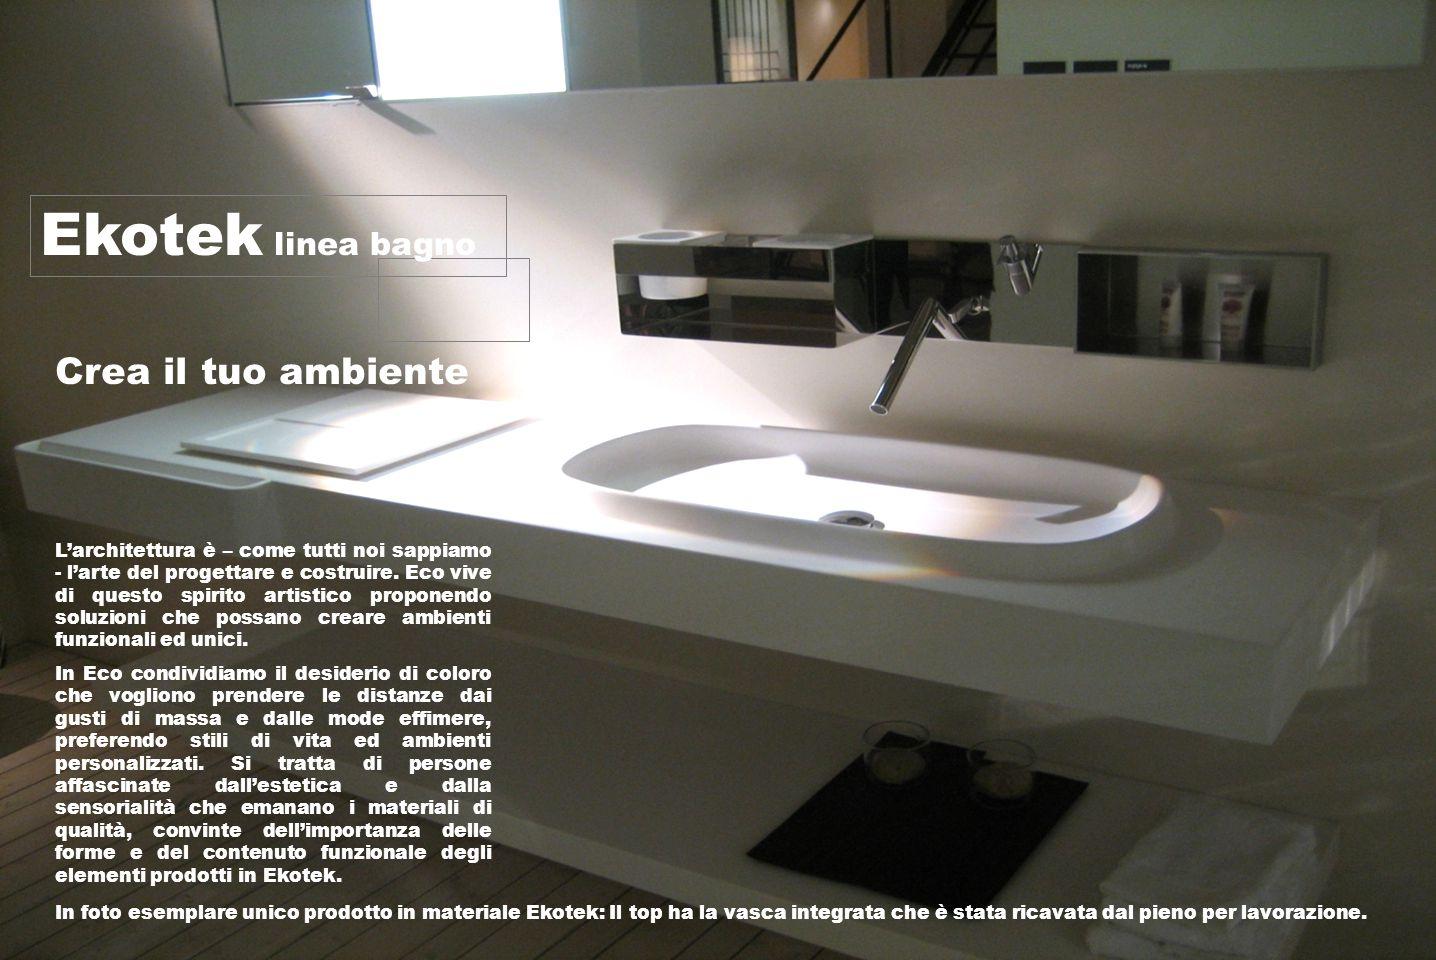 Ekotek linea bagno Crea il tuo ambiente L'architettura è – come tutti noi sappiamo - l'arte del progettare e costruire.